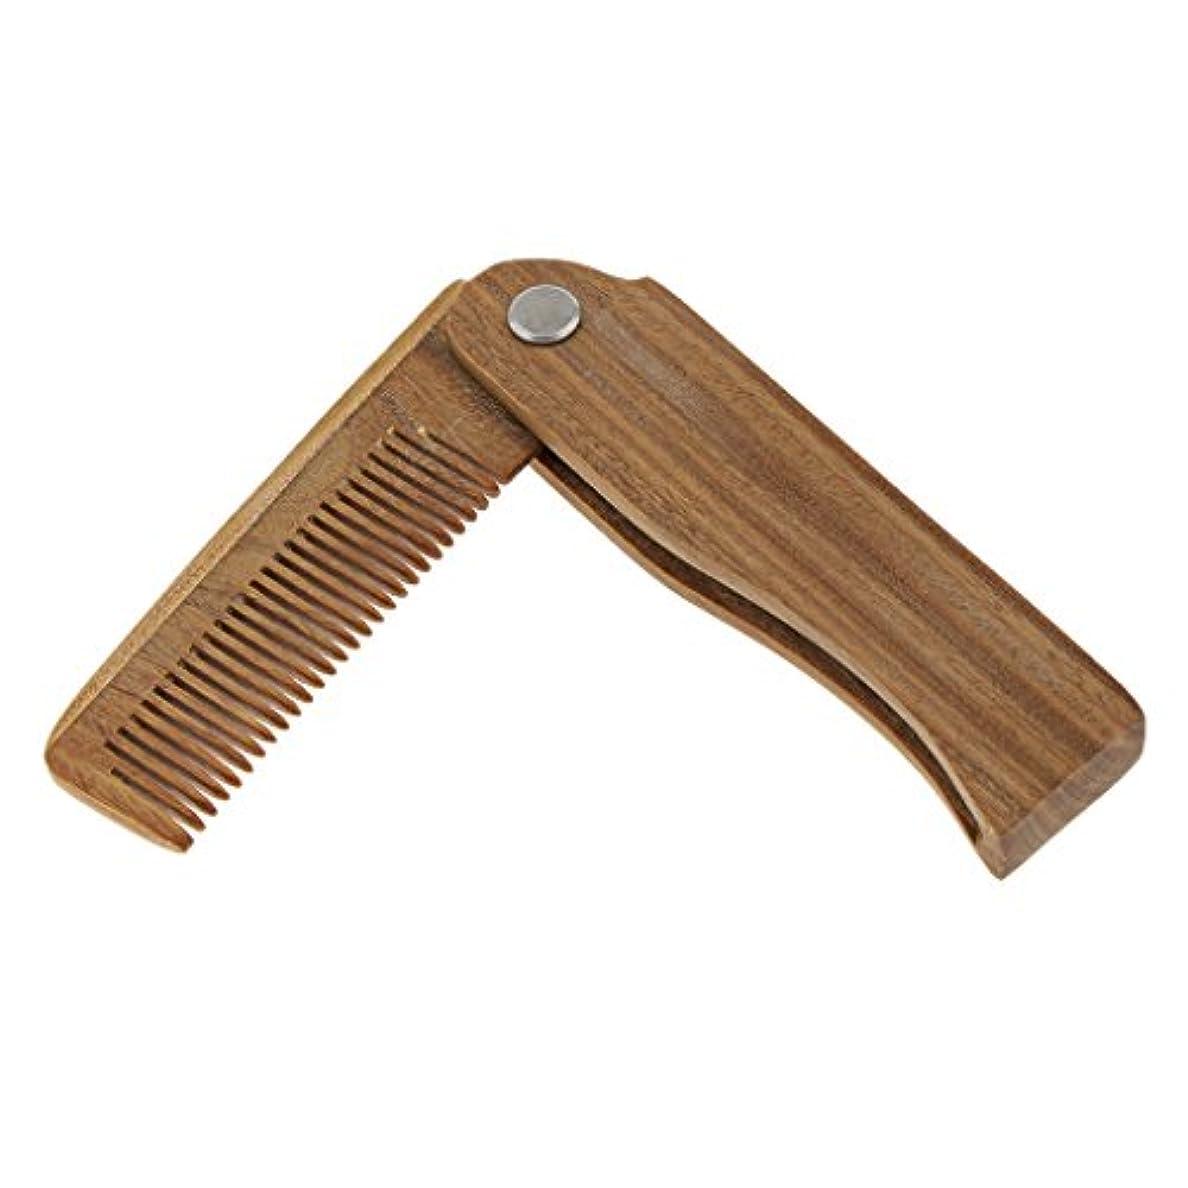 普遍的ななんとなくスピーチBaosity 木製櫛 ヘアブラシ ヘアコーム ミニサイズ 多機能櫛 ひげ櫛 櫛 折り畳み式 2タイプ選べる - B